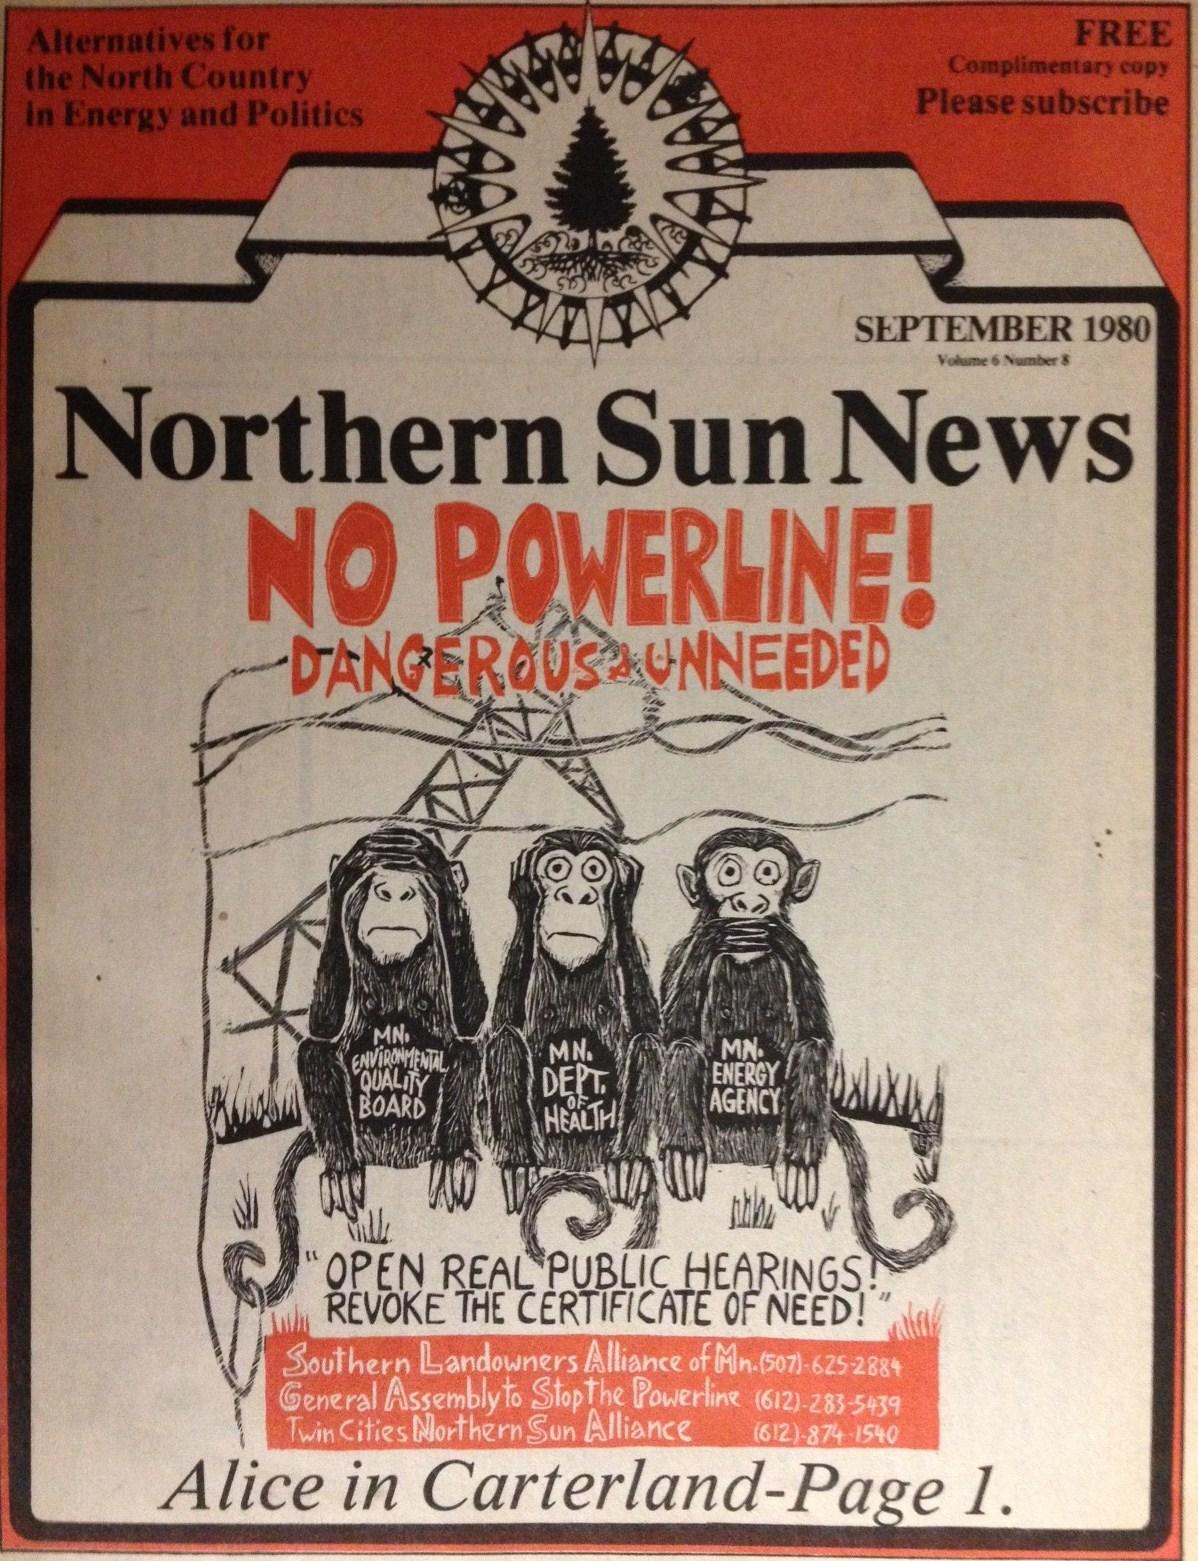 Northern Sun News